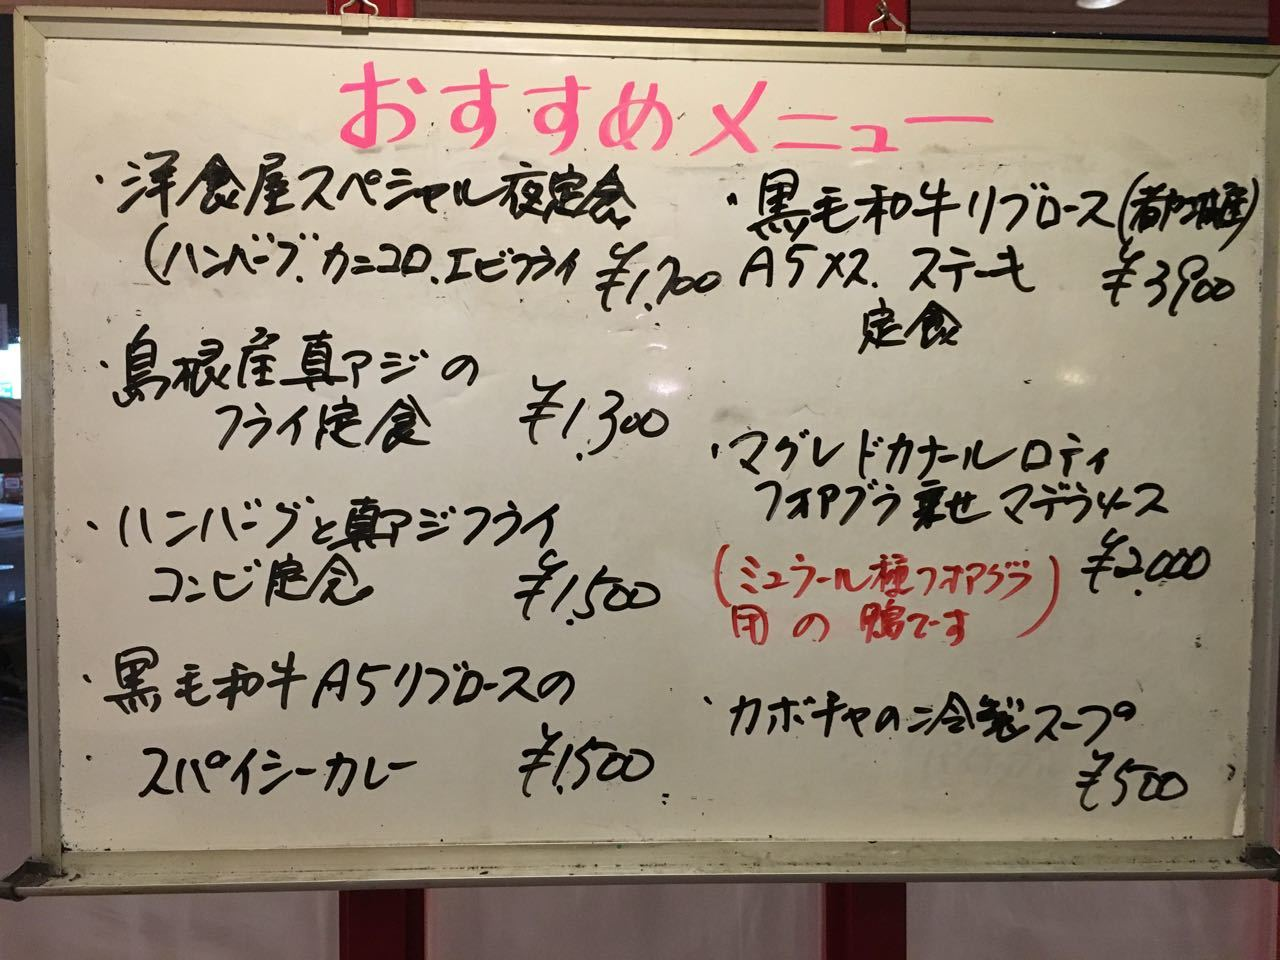 2019.06.26「休みの日は〜〜!」_c0197974_04002364.jpg